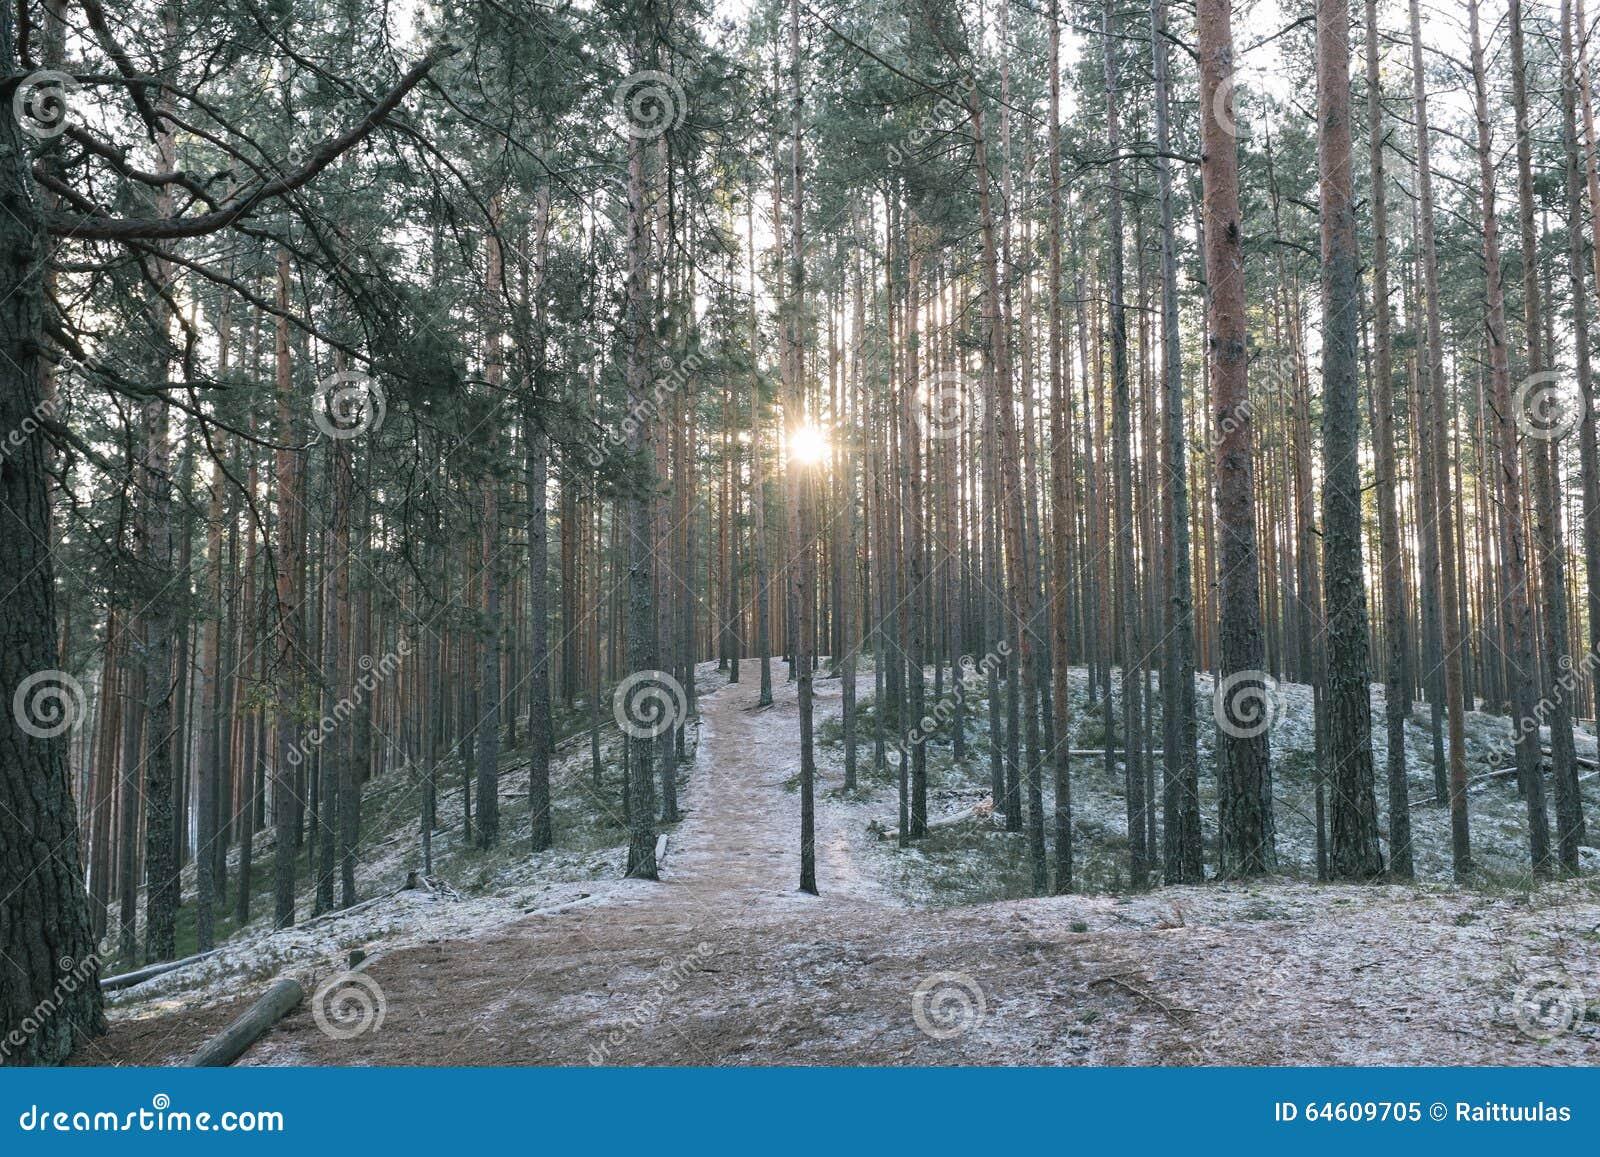 Tolkuse bog, Estonia